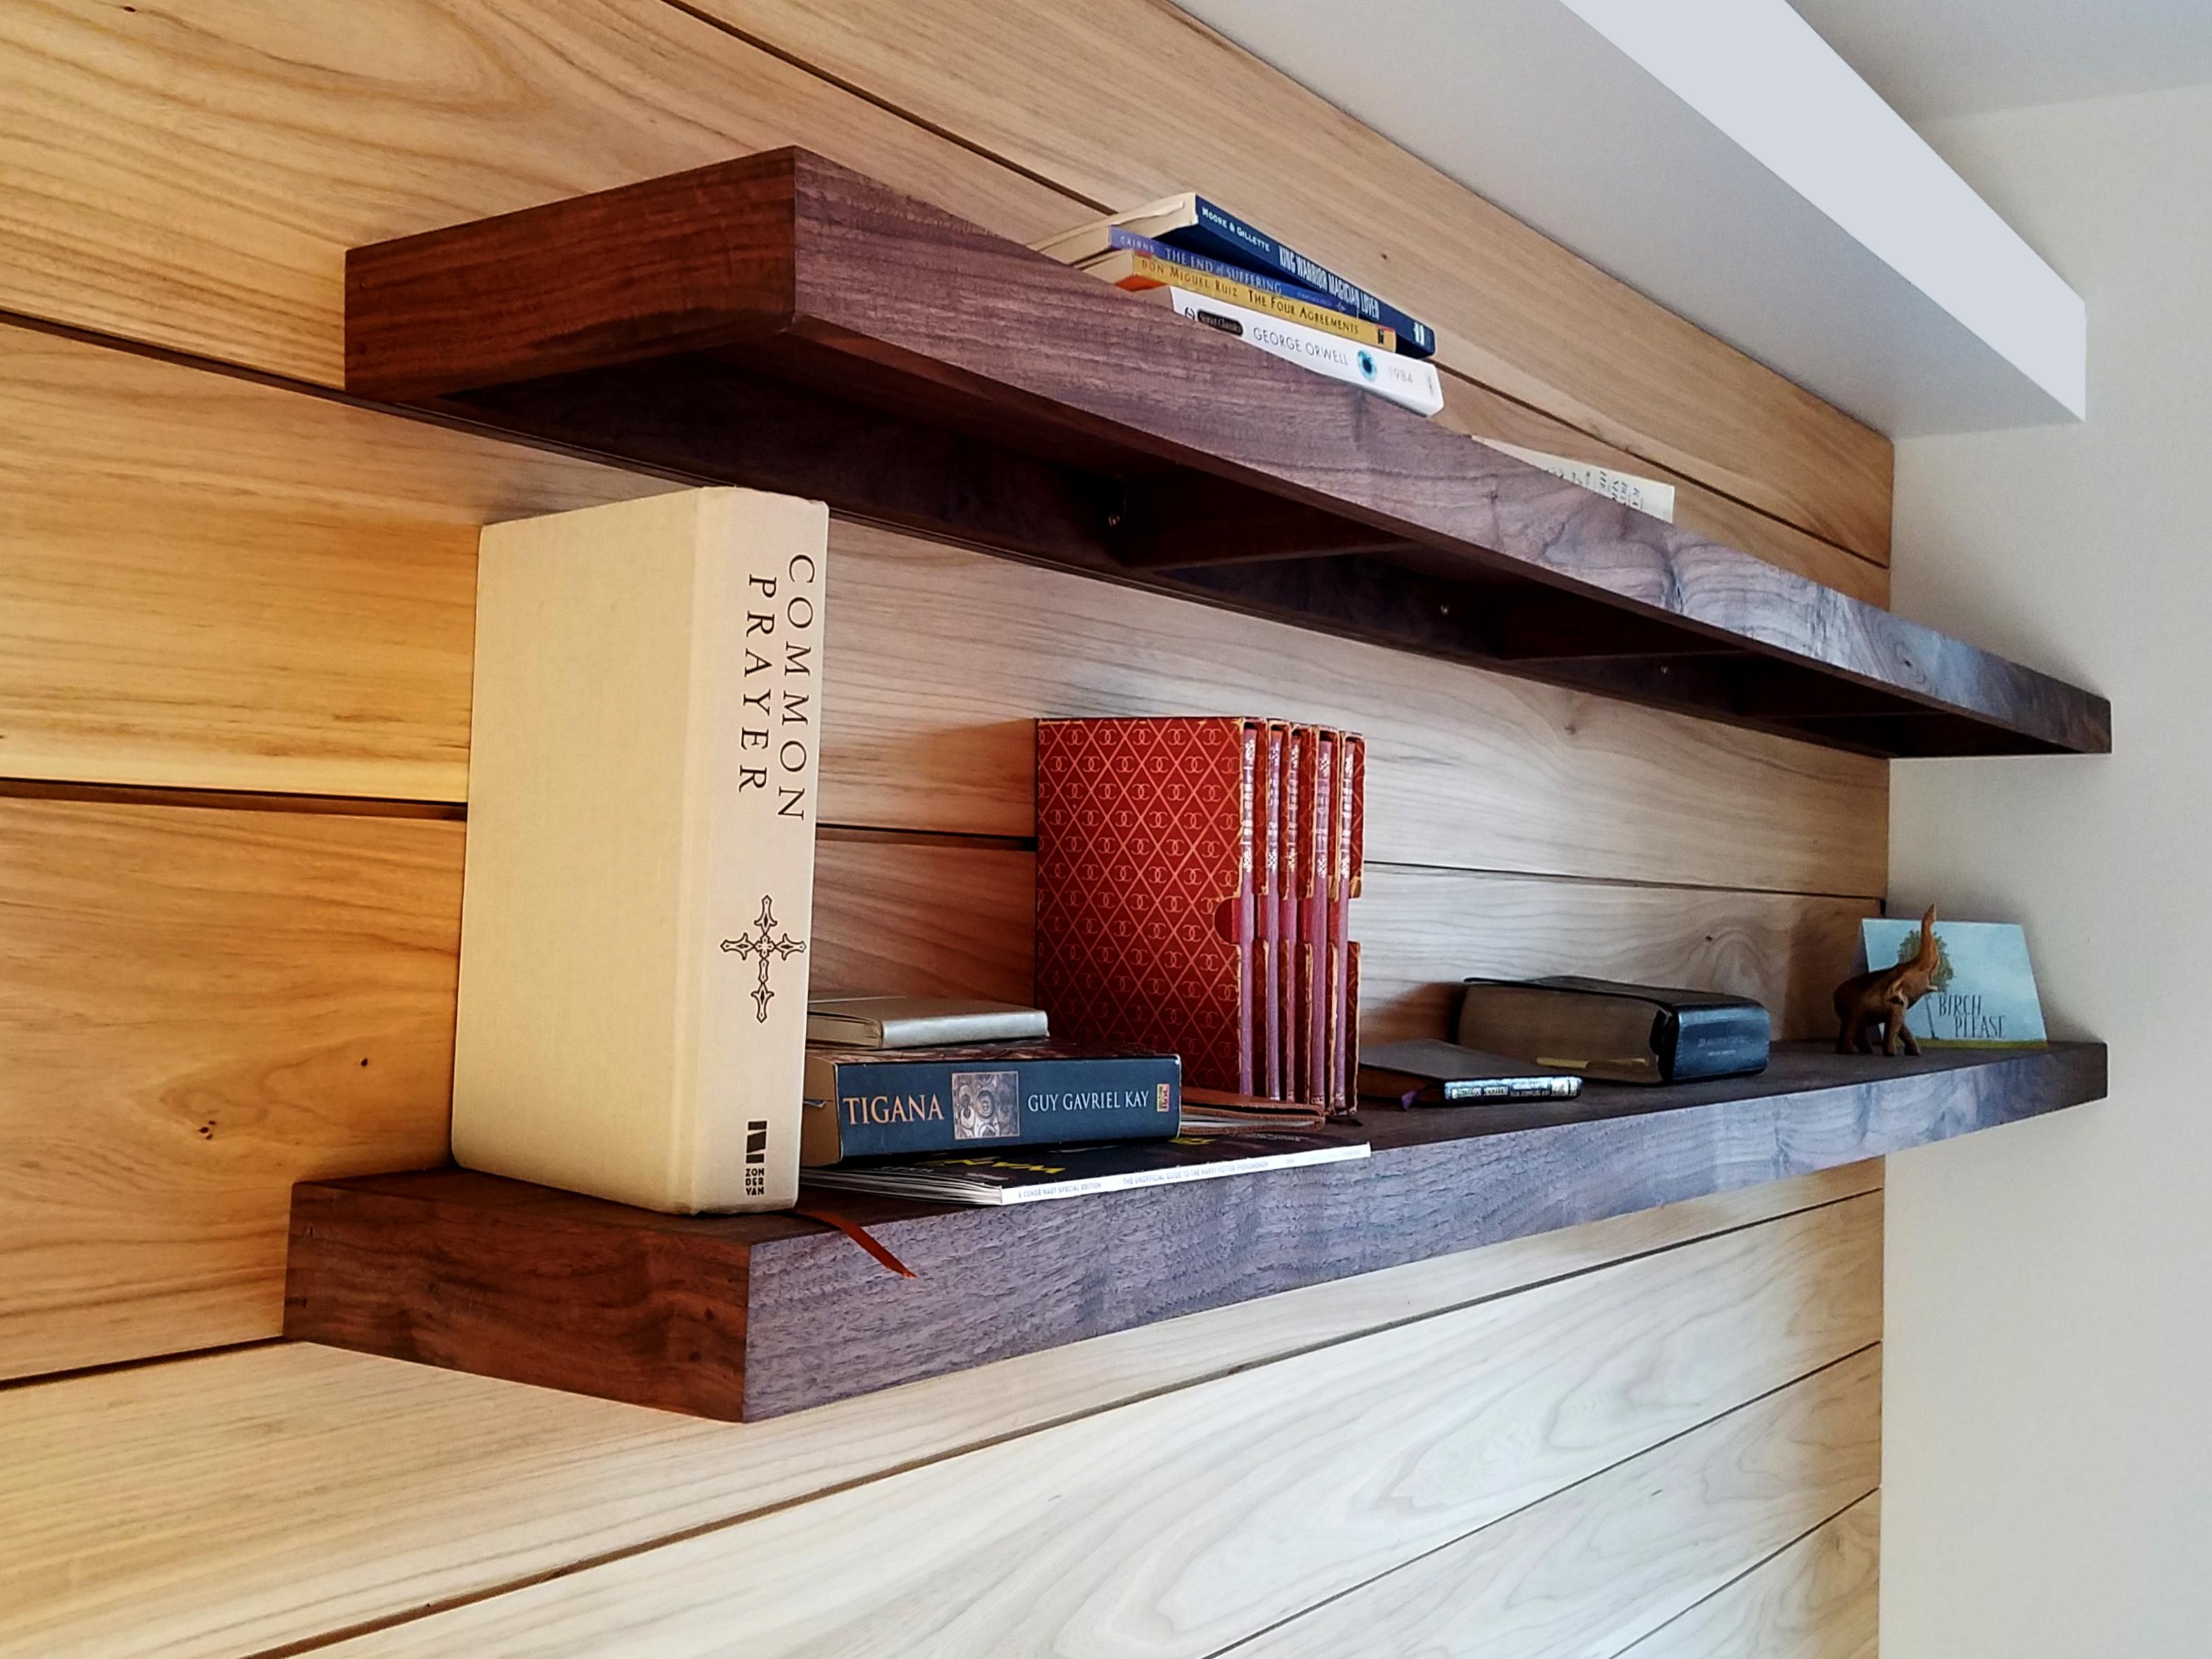 floating shelves lightbox=dataItem j44o8lua2